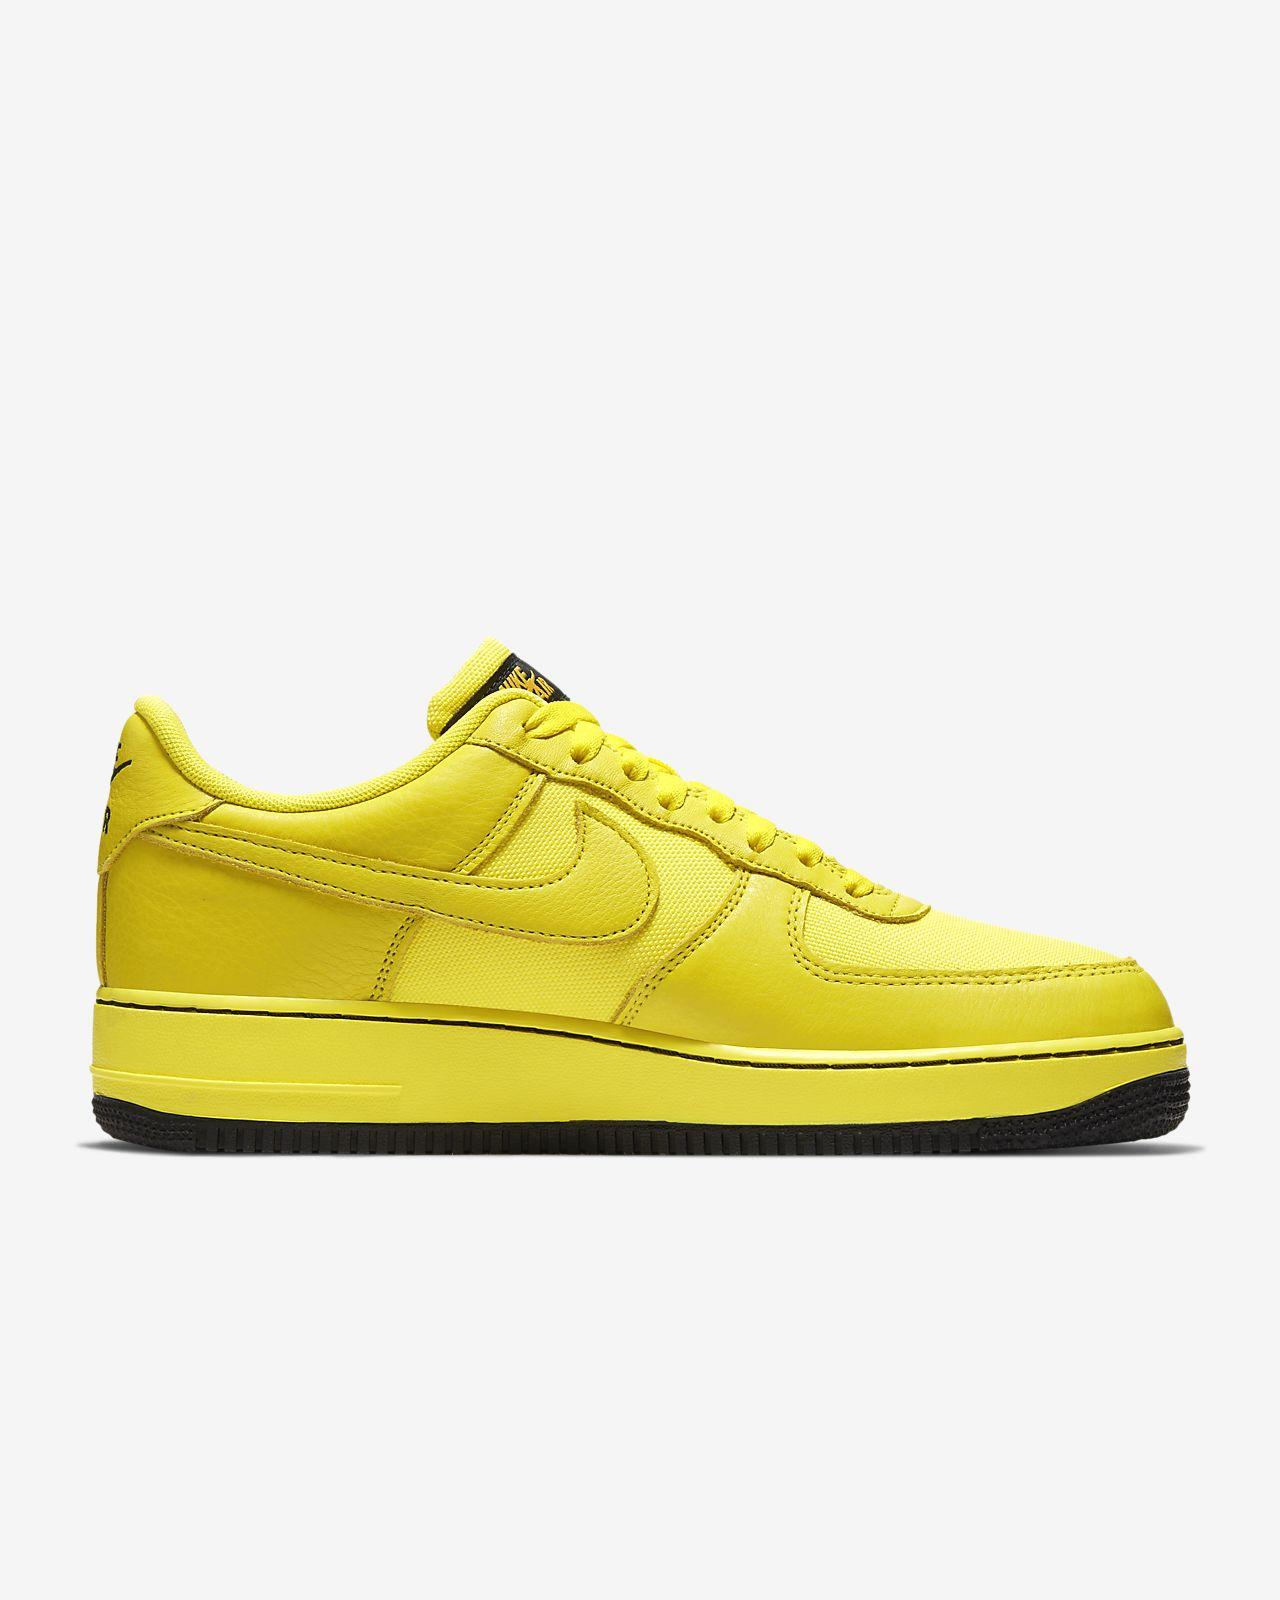 nike schuhe damen neon yellow